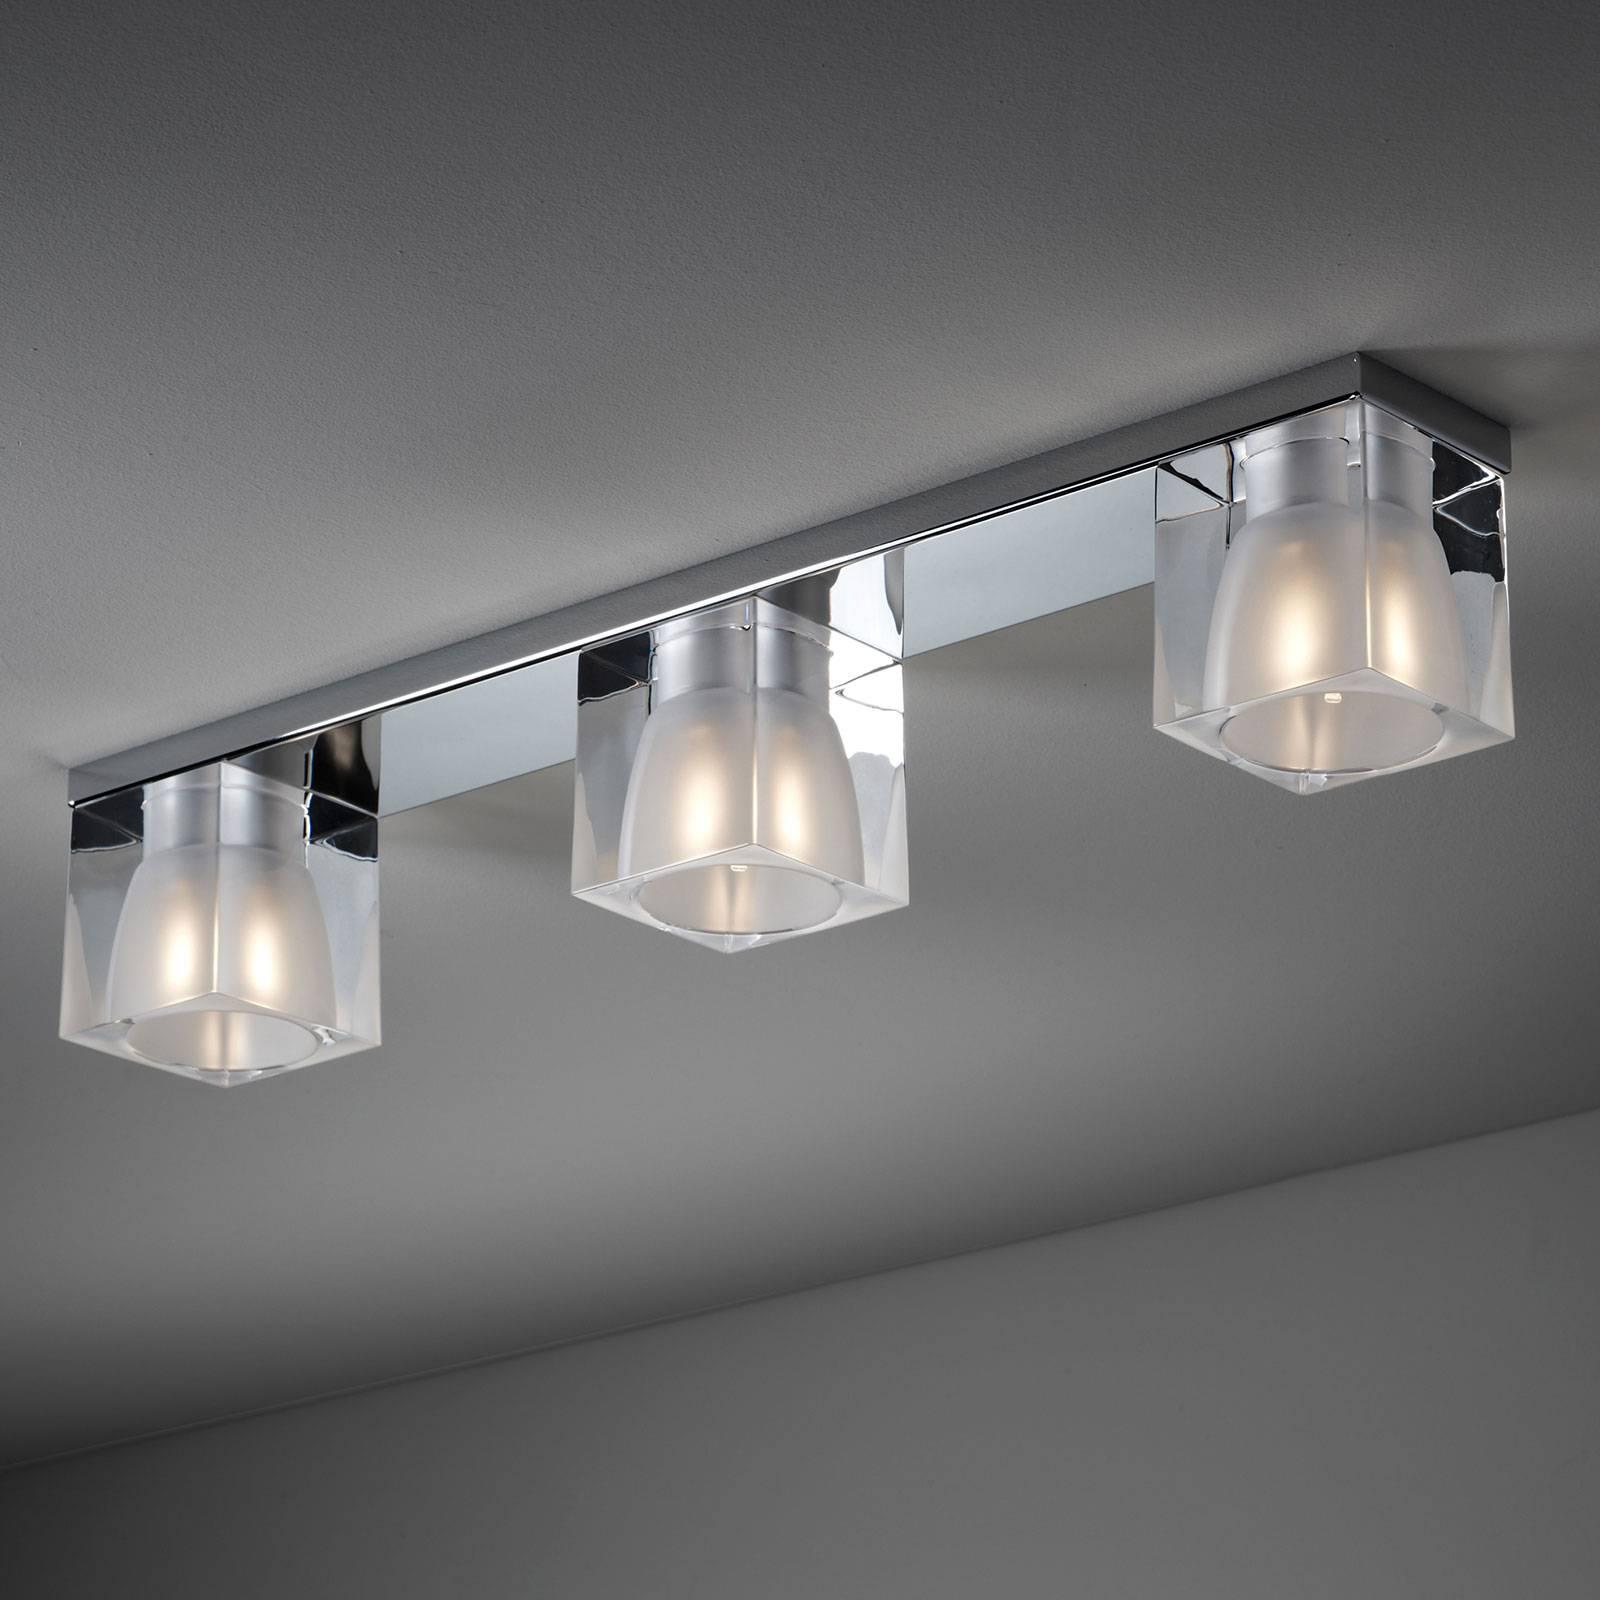 Fabbian Cubetto plafondlamp 3-lamps G9 helder